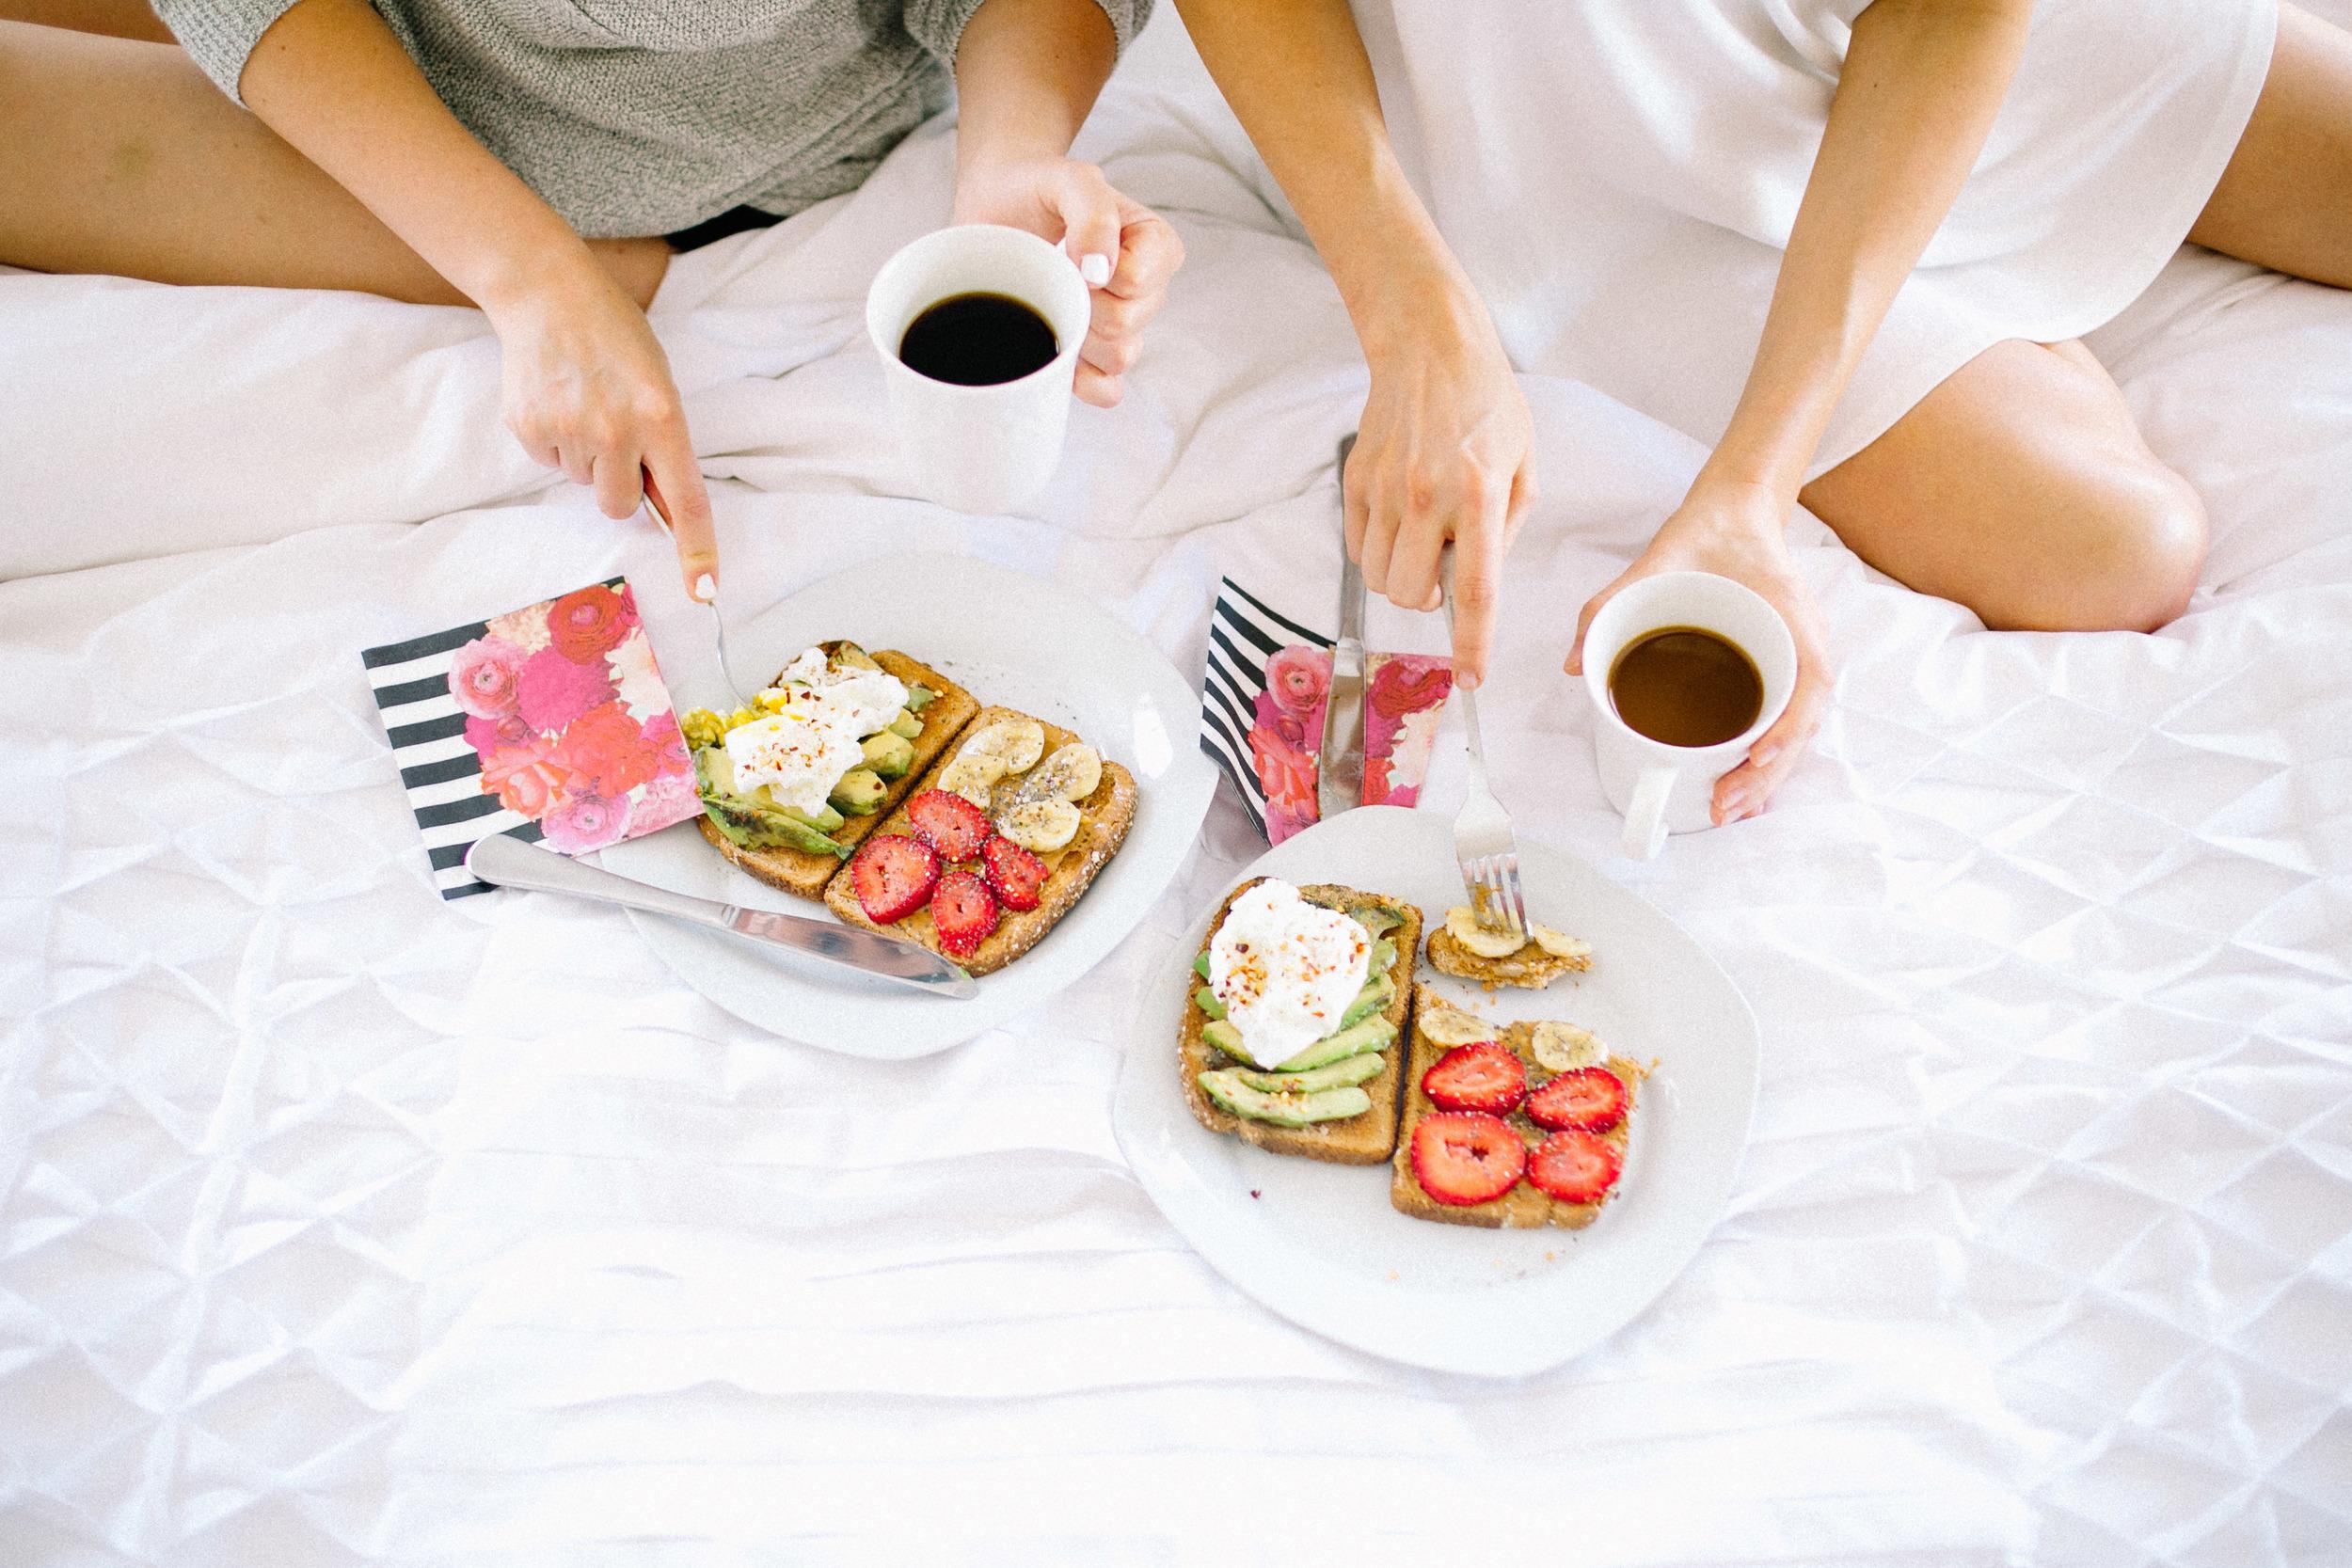 breakfastinbed-17.jpg